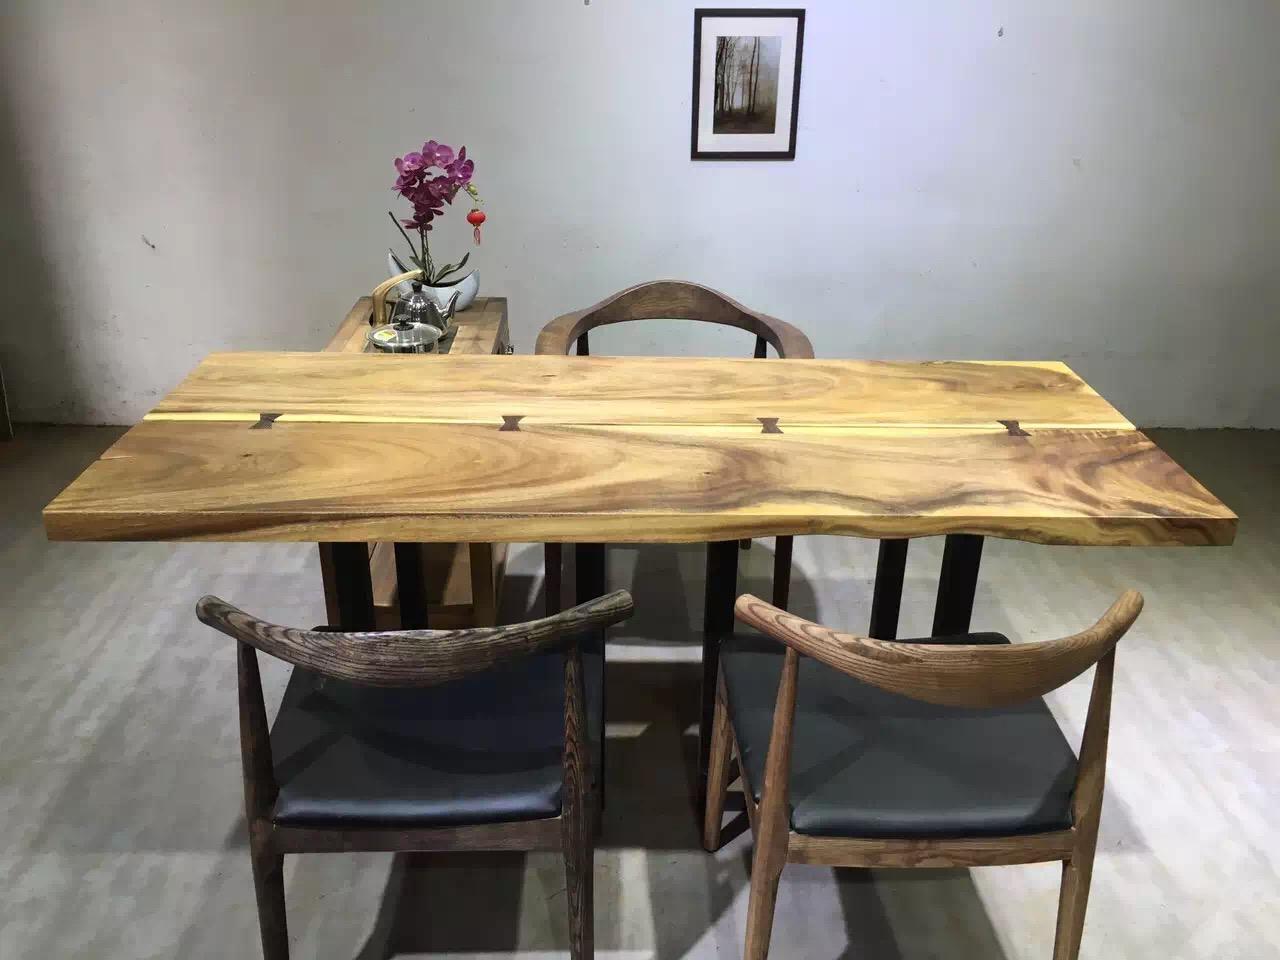 胡桃木烘干现代中式办公桌餐厅馆个性餐桌咖啡桌会所家装设计板材